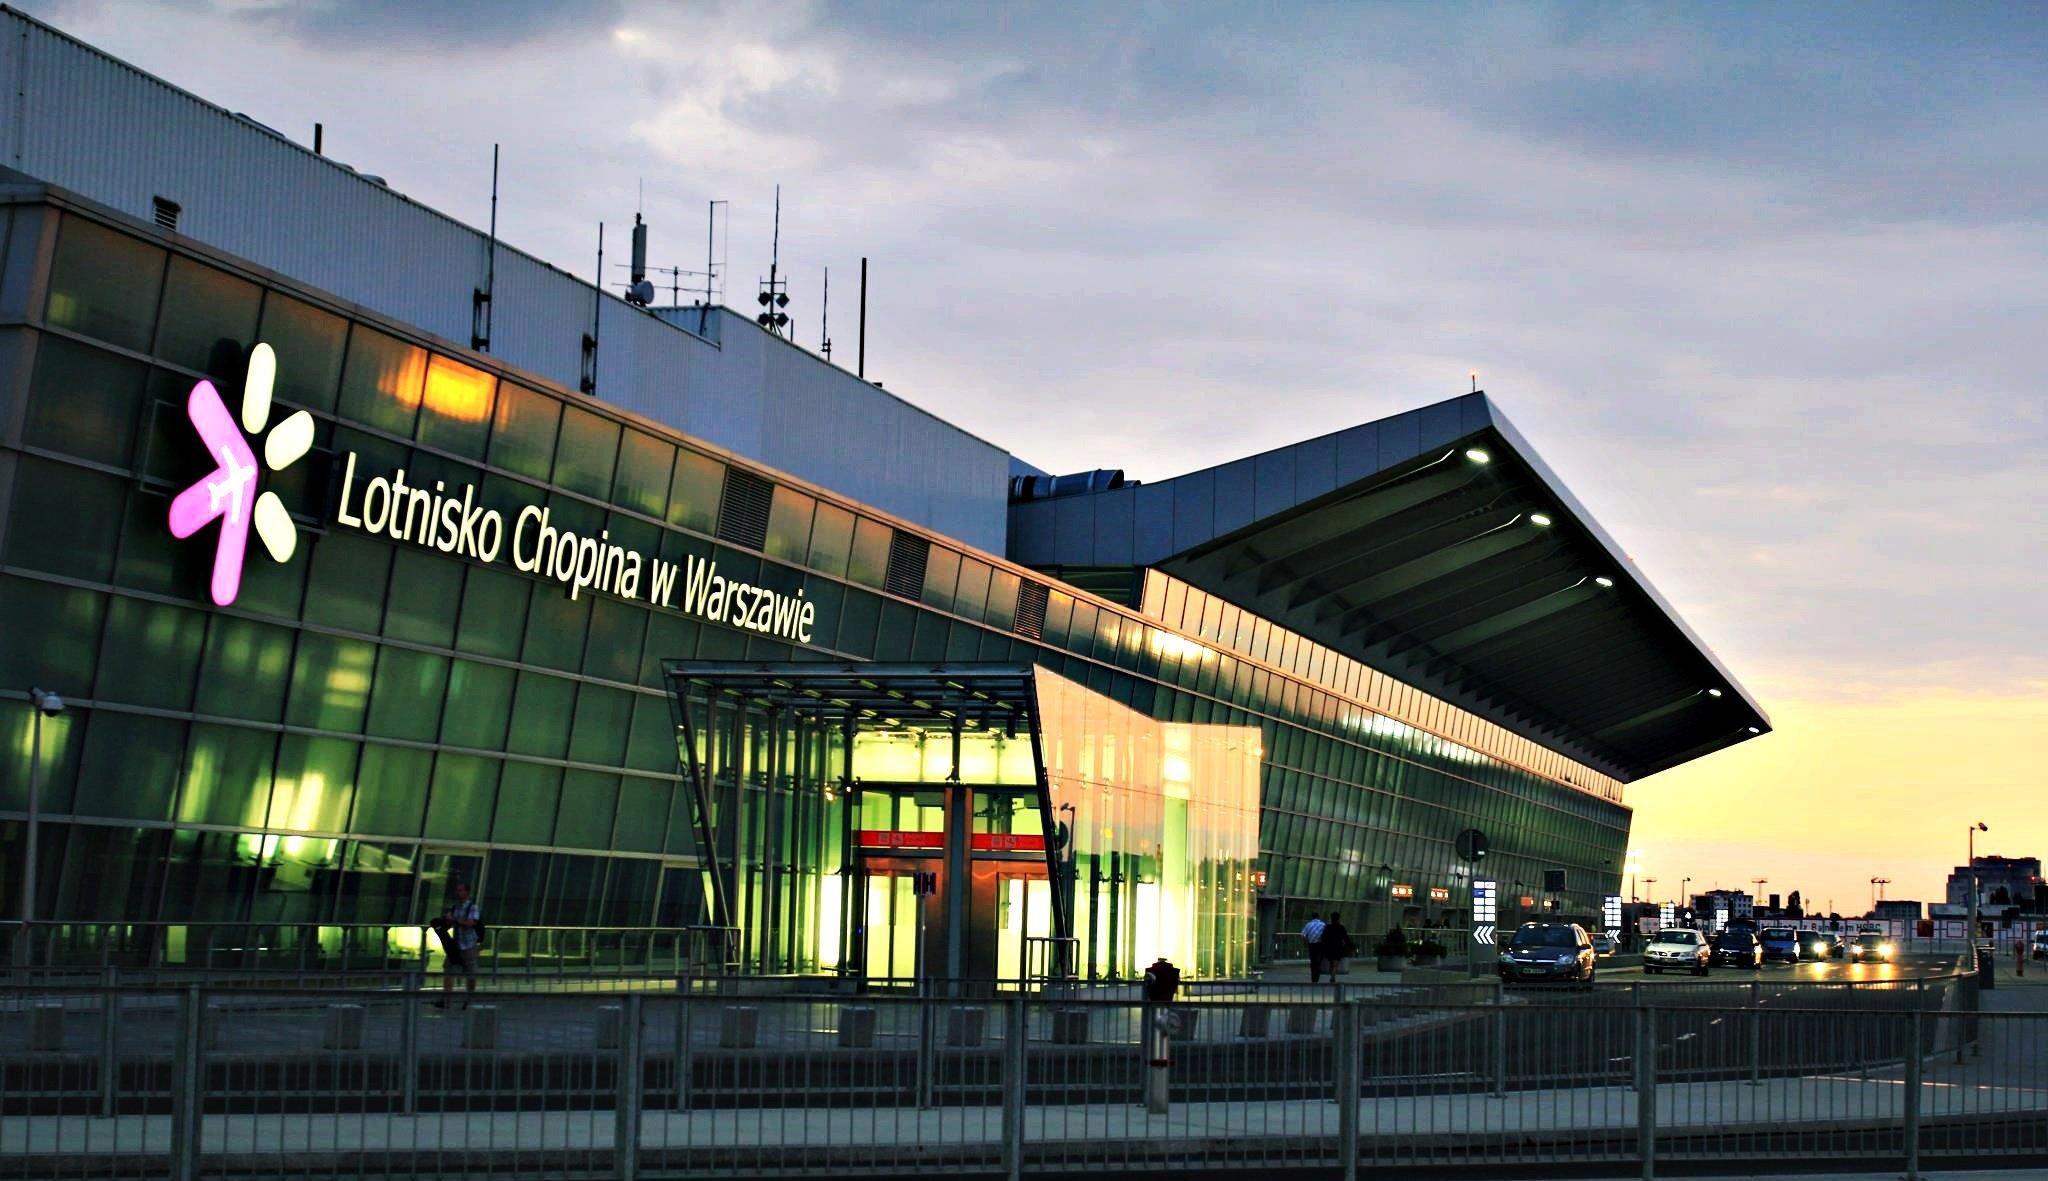 Ваэропорту Польши произошла утечка неизвестного токсичного вещества